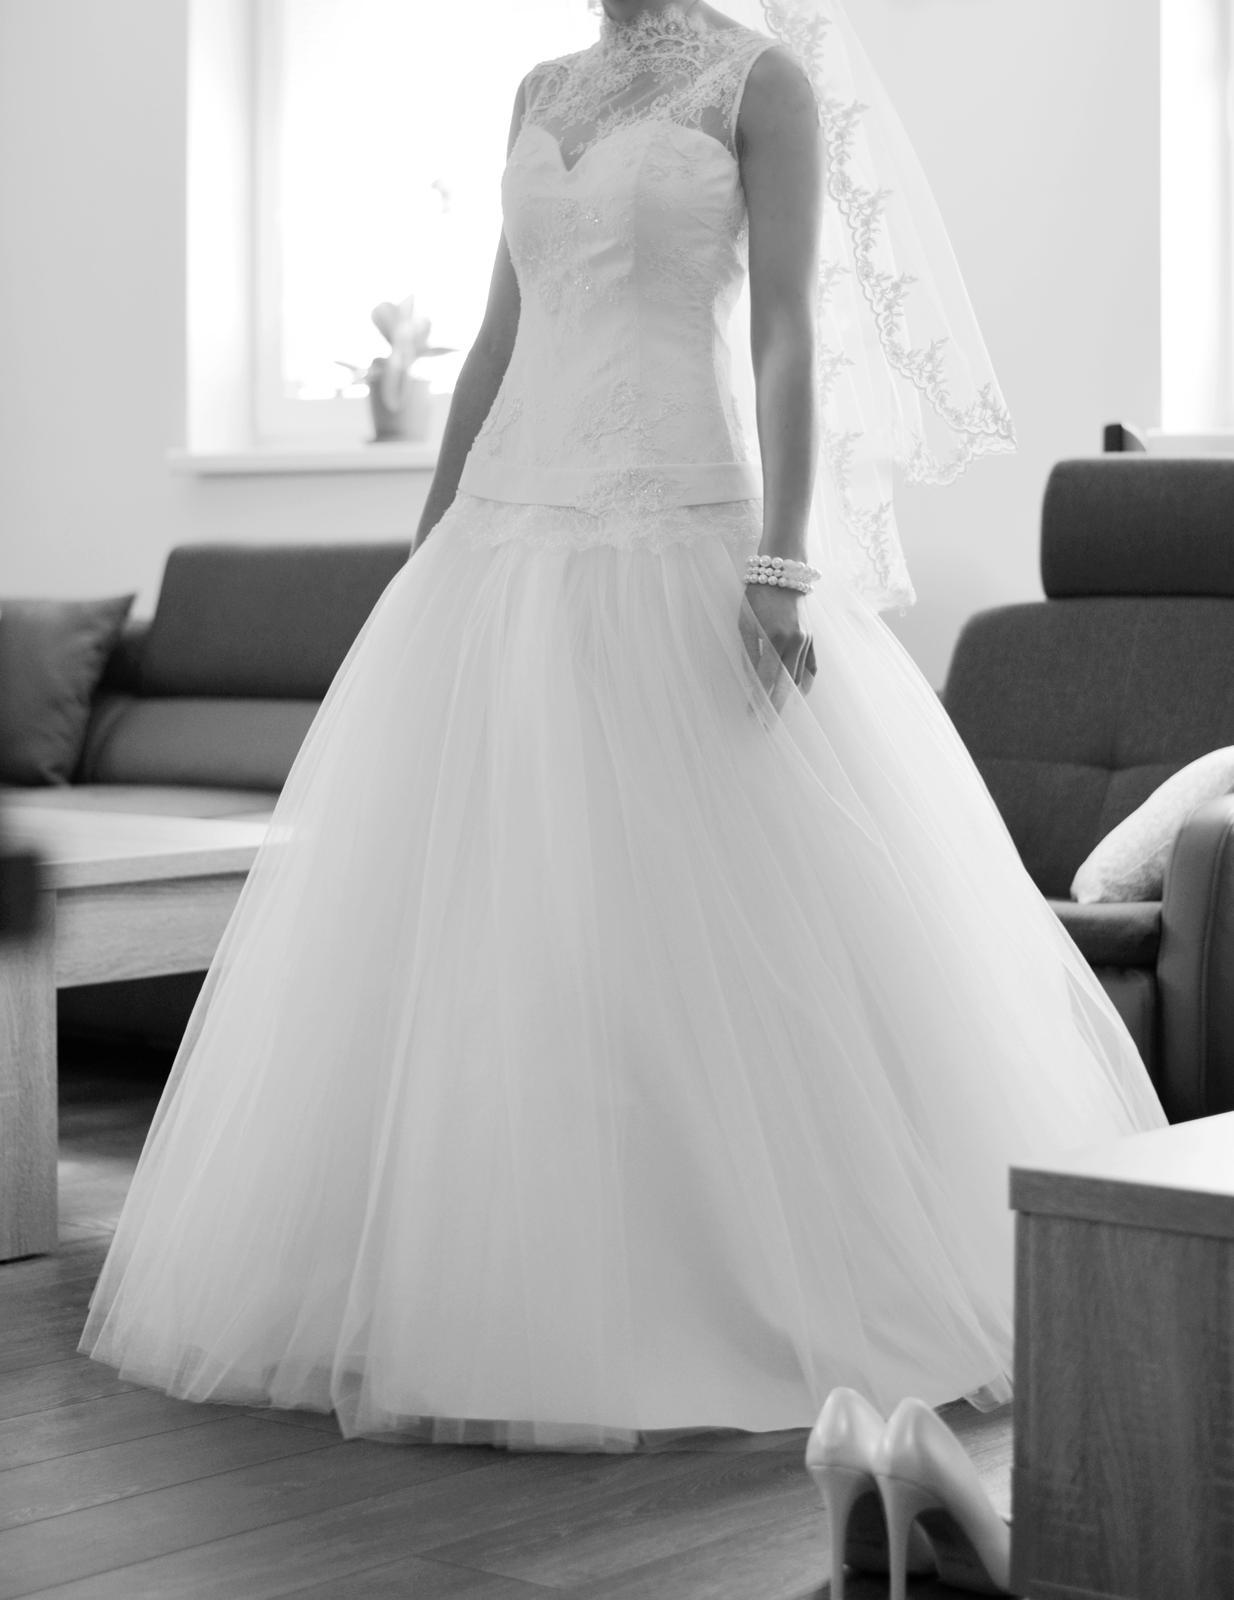 Svadobné šaty čipka a tyl (34-36) - Obrázok č. 2